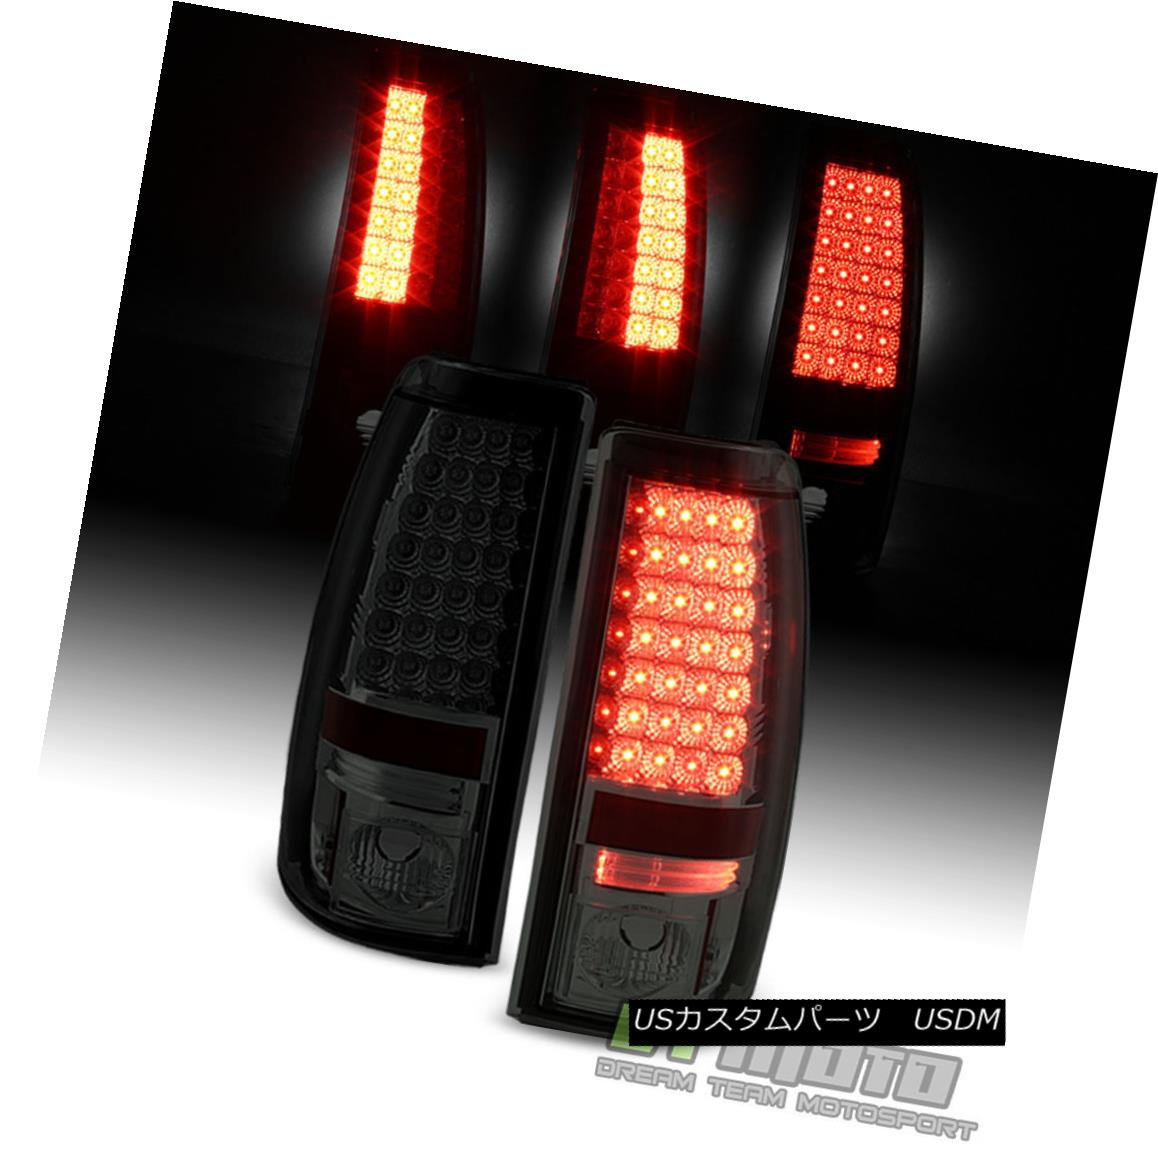 テールライト 2003-2004-2005-2006 Chevy Silverado Lumileds LED Smoked Tail Lights Brake Lamps 2003-2004-2005 -2006 Chevy Silverado Lumileds LEDスモークテールライトブレーキランプ